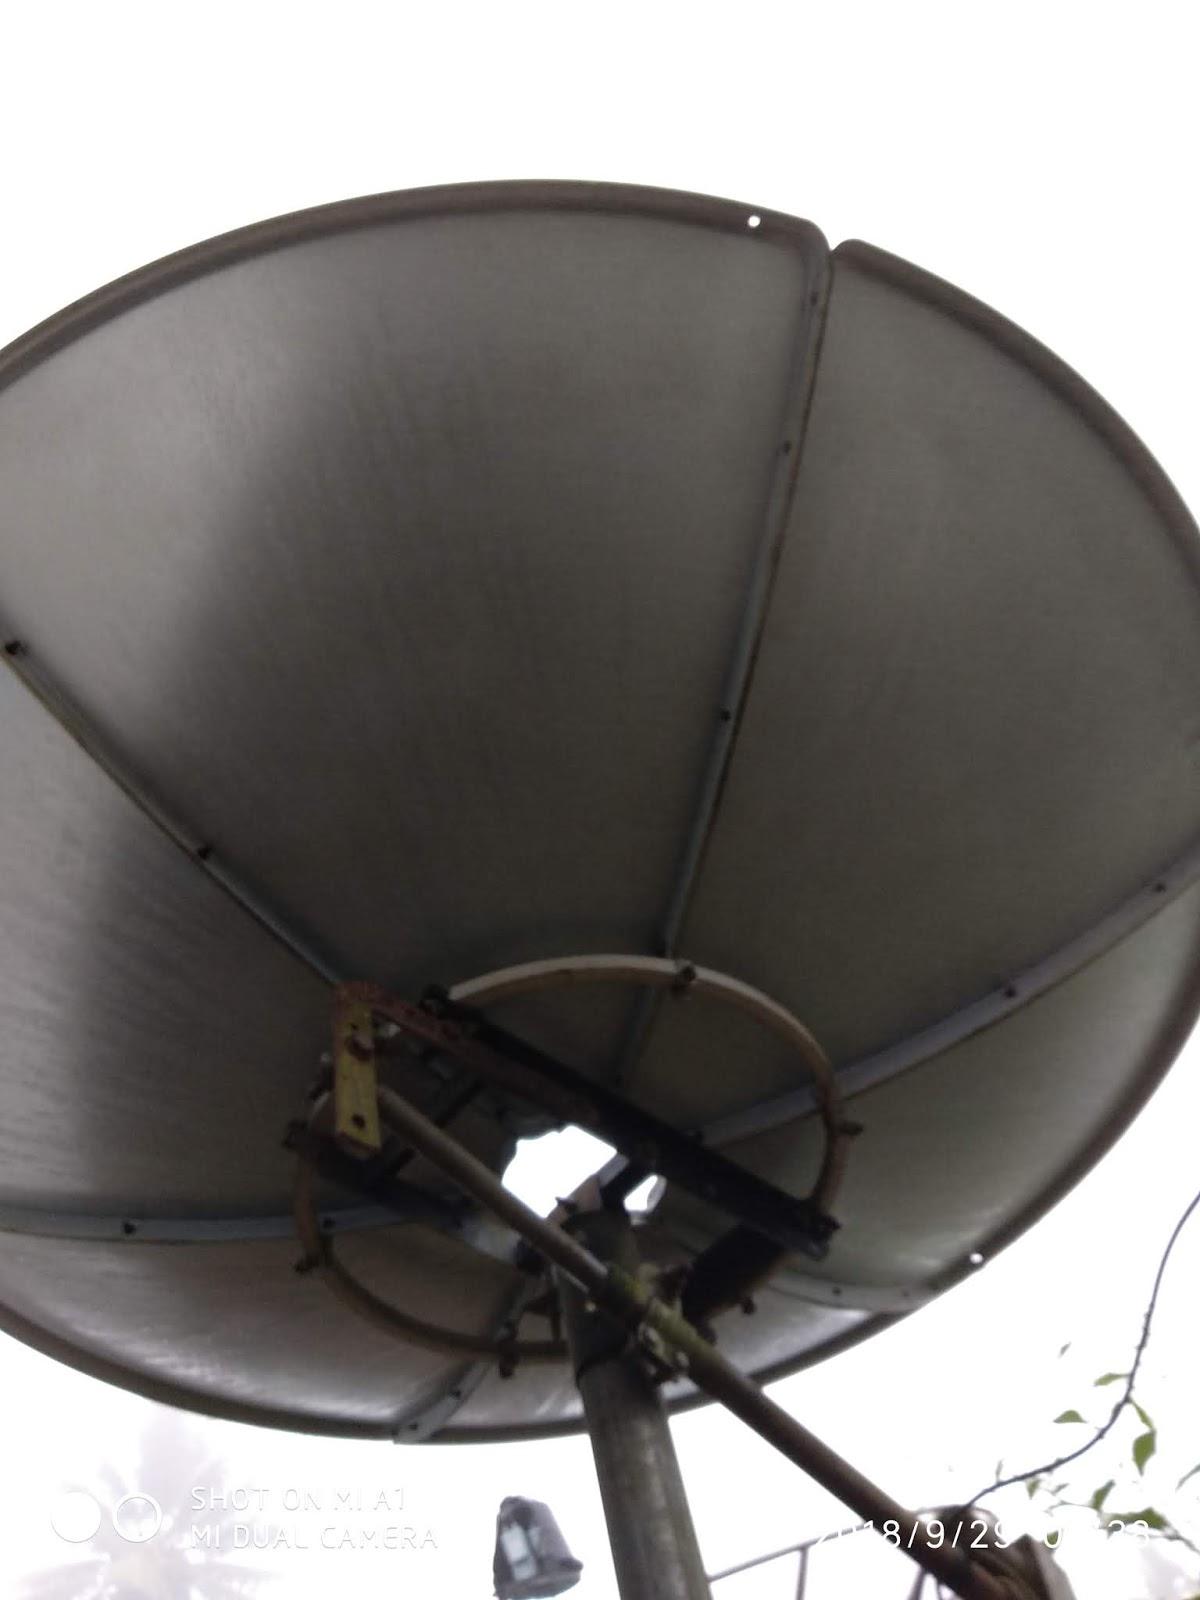 Teknologi Parabola: Cara Traking Satelit measat 3ku Band (Astro)